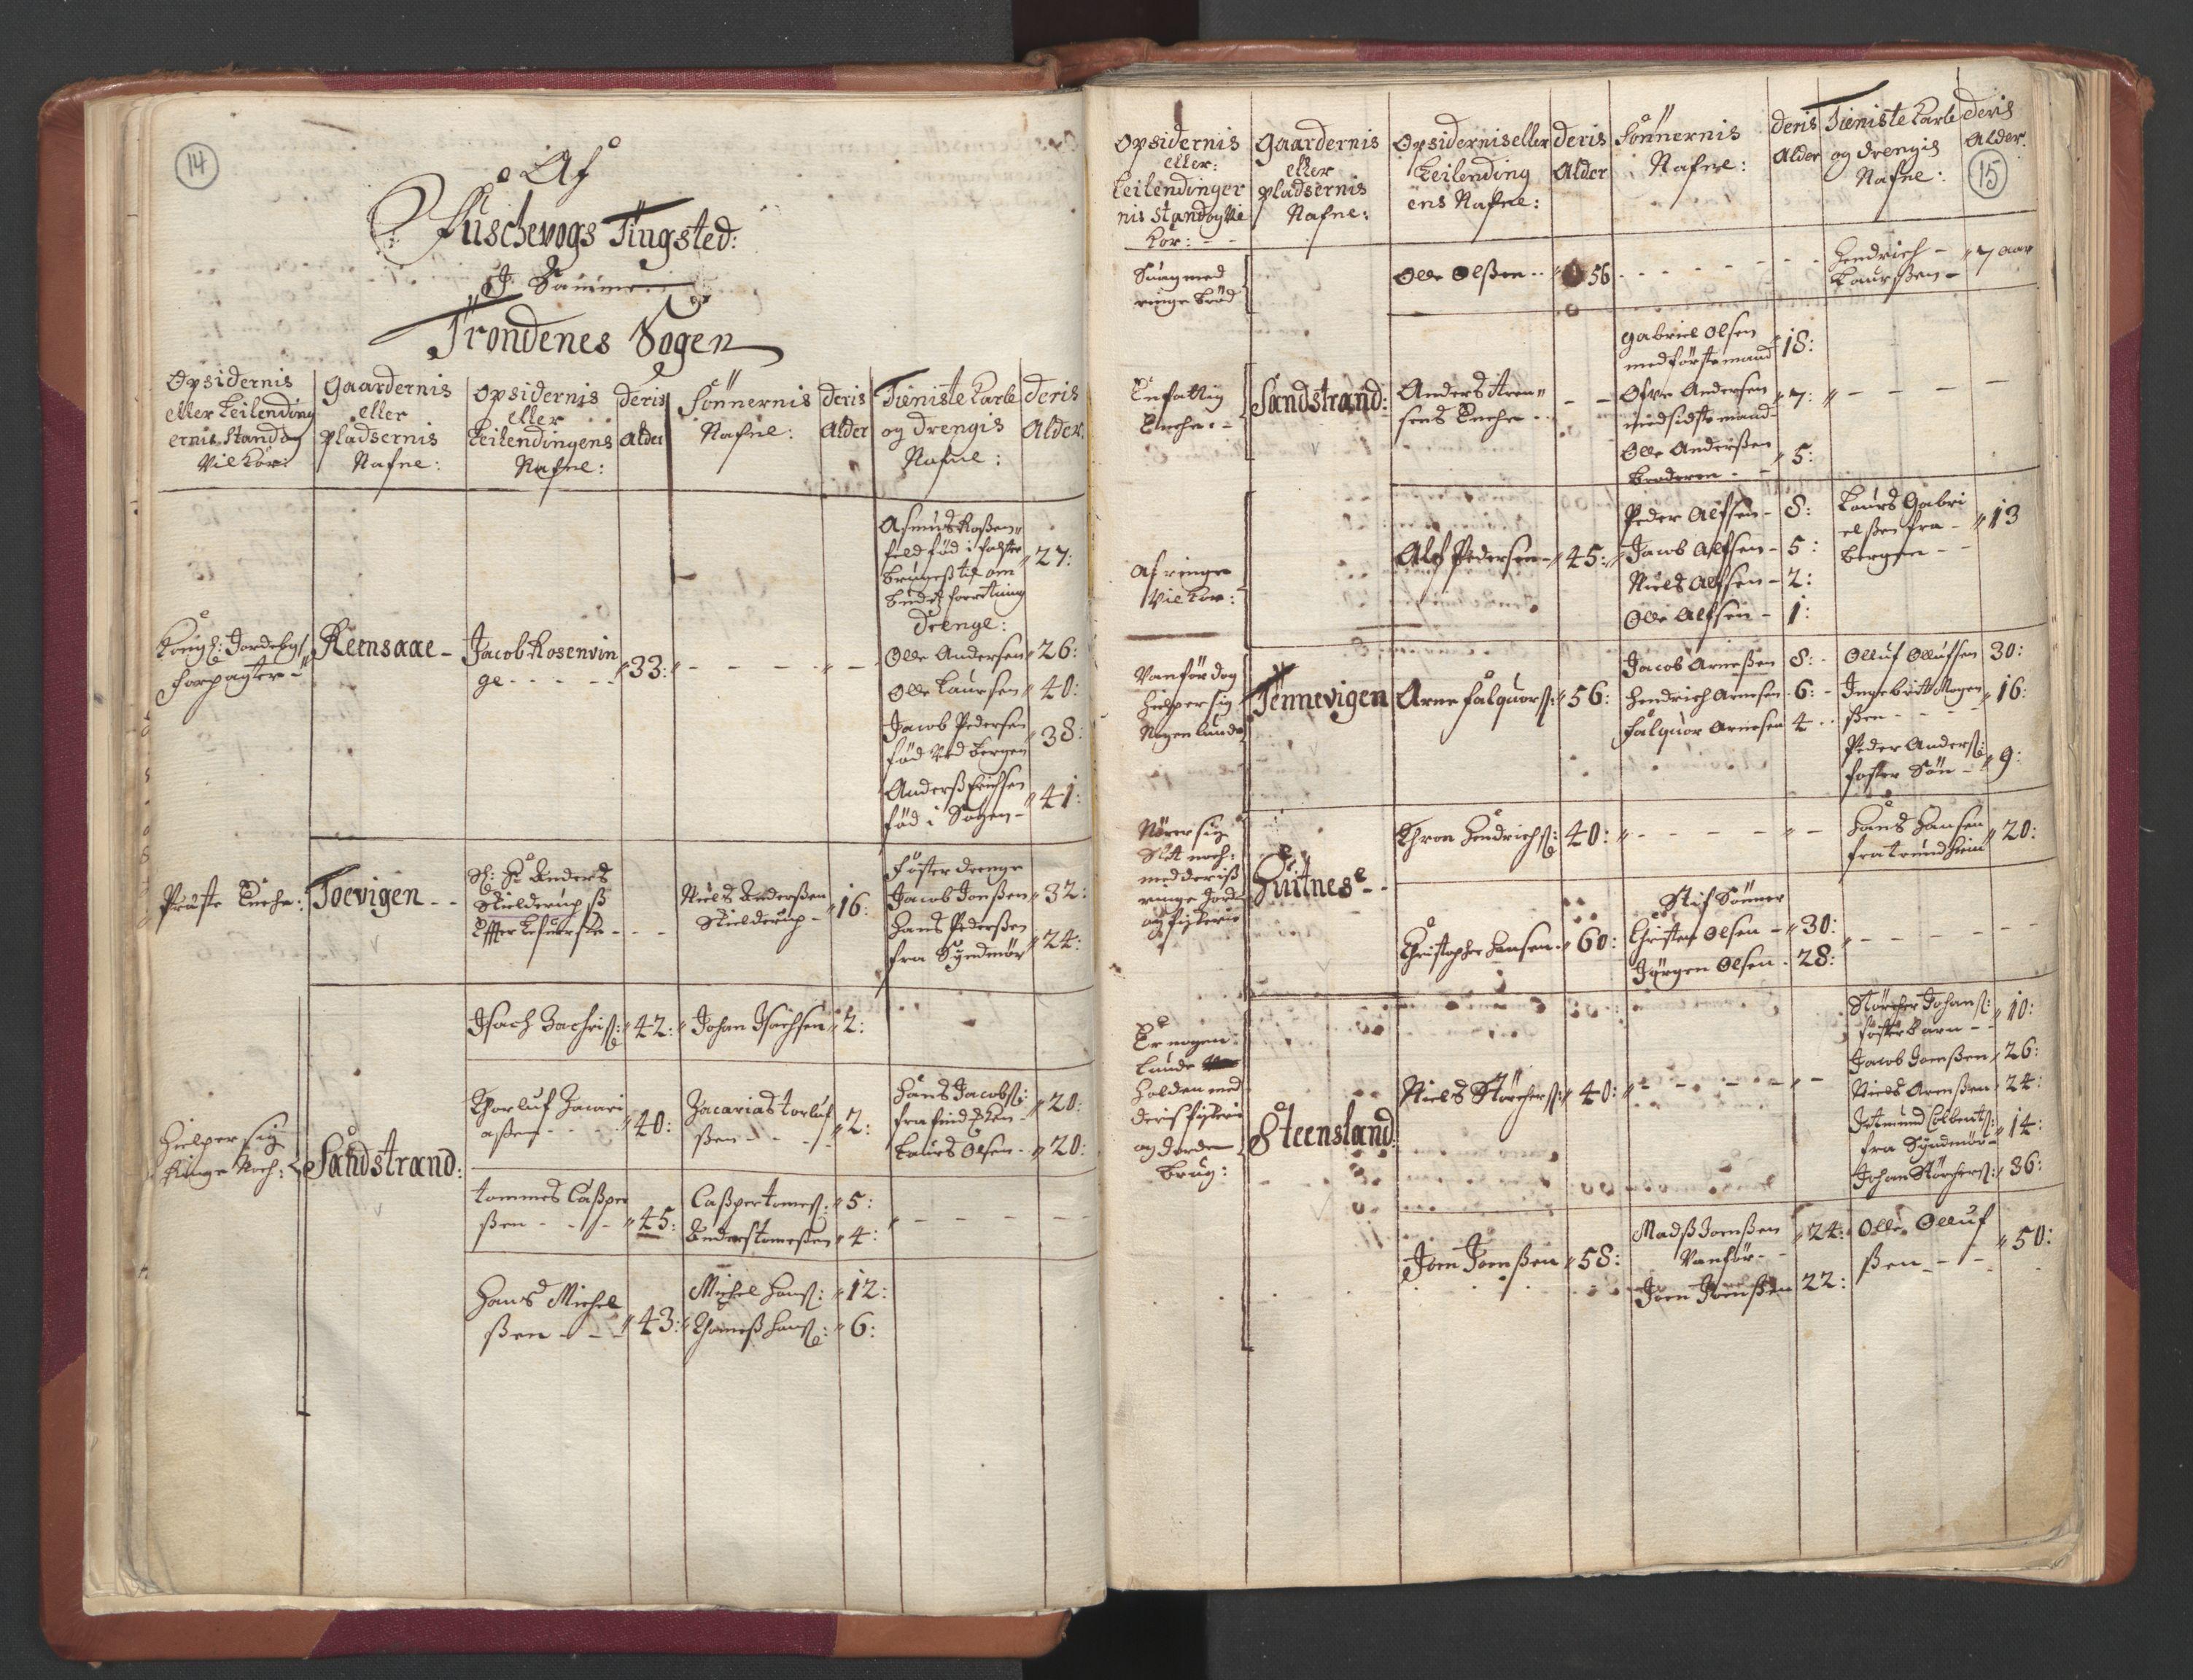 RA, Manntallet 1701, nr. 19: Senja og Tromsø fogderi, 1701, s. 14-15